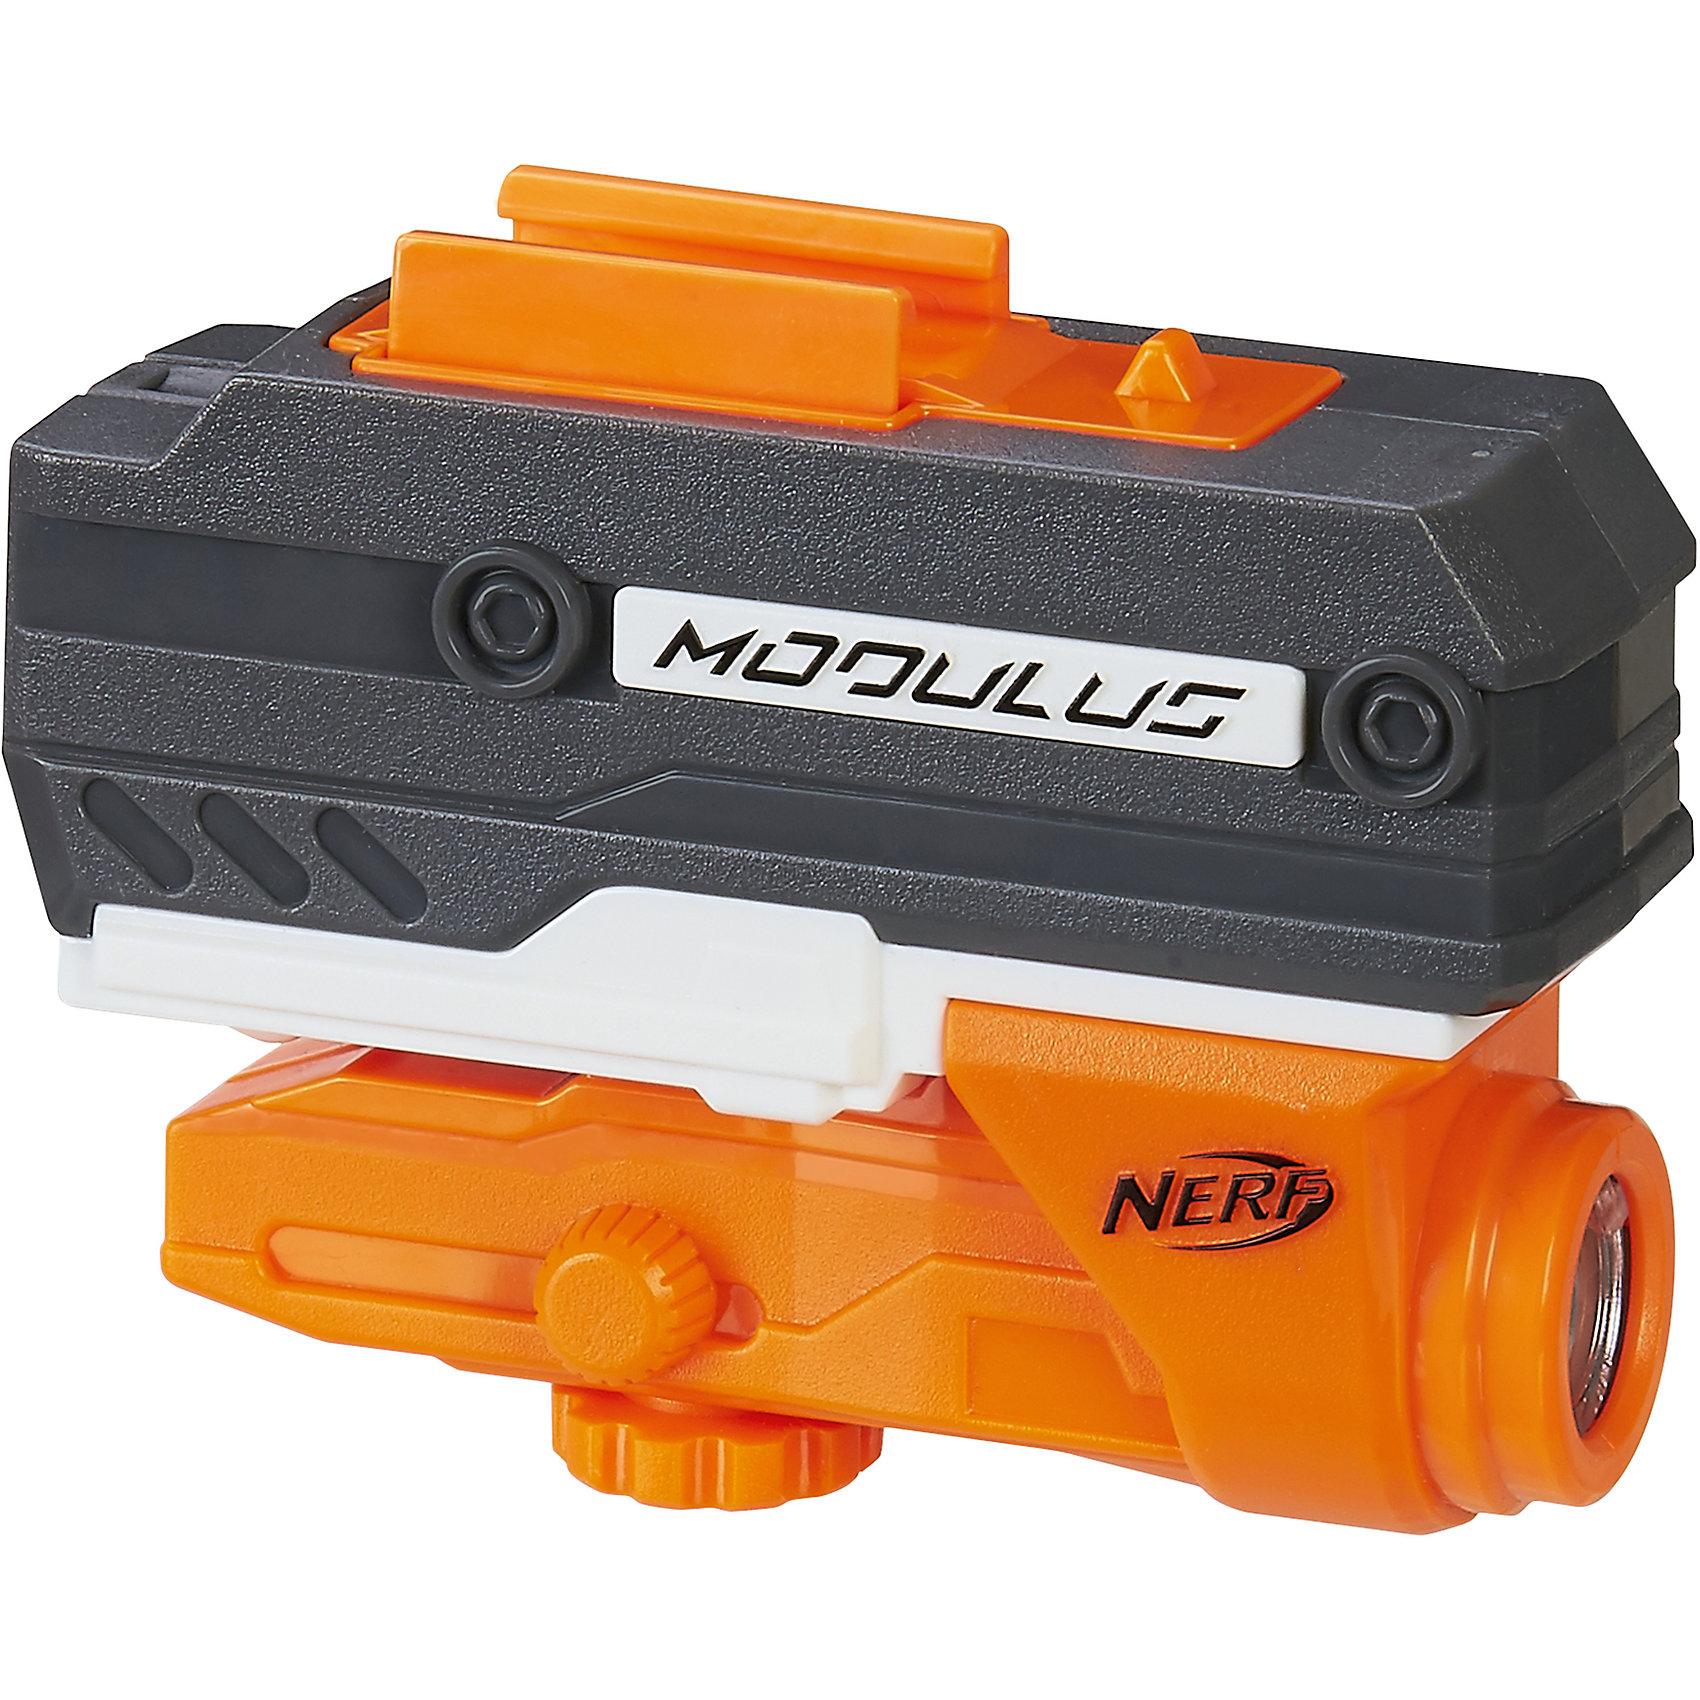 Акссесуар для бластера Нёрф Модулус-Лазерный прицел, Nerf, B6321/B7170Бластеры, пистолеты и прочее<br>Характеристики товара:<br><br>• материал: пластик, металл<br>• возраст: от 8 лет<br>• тип батареек: 3 x AAA / LR0.3 1.5 (мизинчиковые)<br>• наличие батареек: не входят в комплект<br>• вес: 160 г<br>• размер упаковки: 18x5x23 см<br>• страна бренда: США<br>• страна производства: Китай<br><br>Игрушка Нёрф Модулус - это лазерный прицел, предназначенный для модификации бластеров. С помощью Nerf Modulus N-Strike ребенок будет лучше целиться как в неподвижные мишени, так и в движущихся участников боя даже на довольно дальних расстояниях, ни на секунду не упуская их из виду.<br><br>Аксессуары, NERF Modulus, от известного бренда Hasbro можно купить в нашем интернет-магазине.<br><br>Ширина мм: 236<br>Глубина мм: 182<br>Высота мм: 48<br>Вес г: 165<br>Возраст от месяцев: 96<br>Возраст до месяцев: 156<br>Пол: Унисекс<br>Возраст: Детский<br>SKU: 5473698